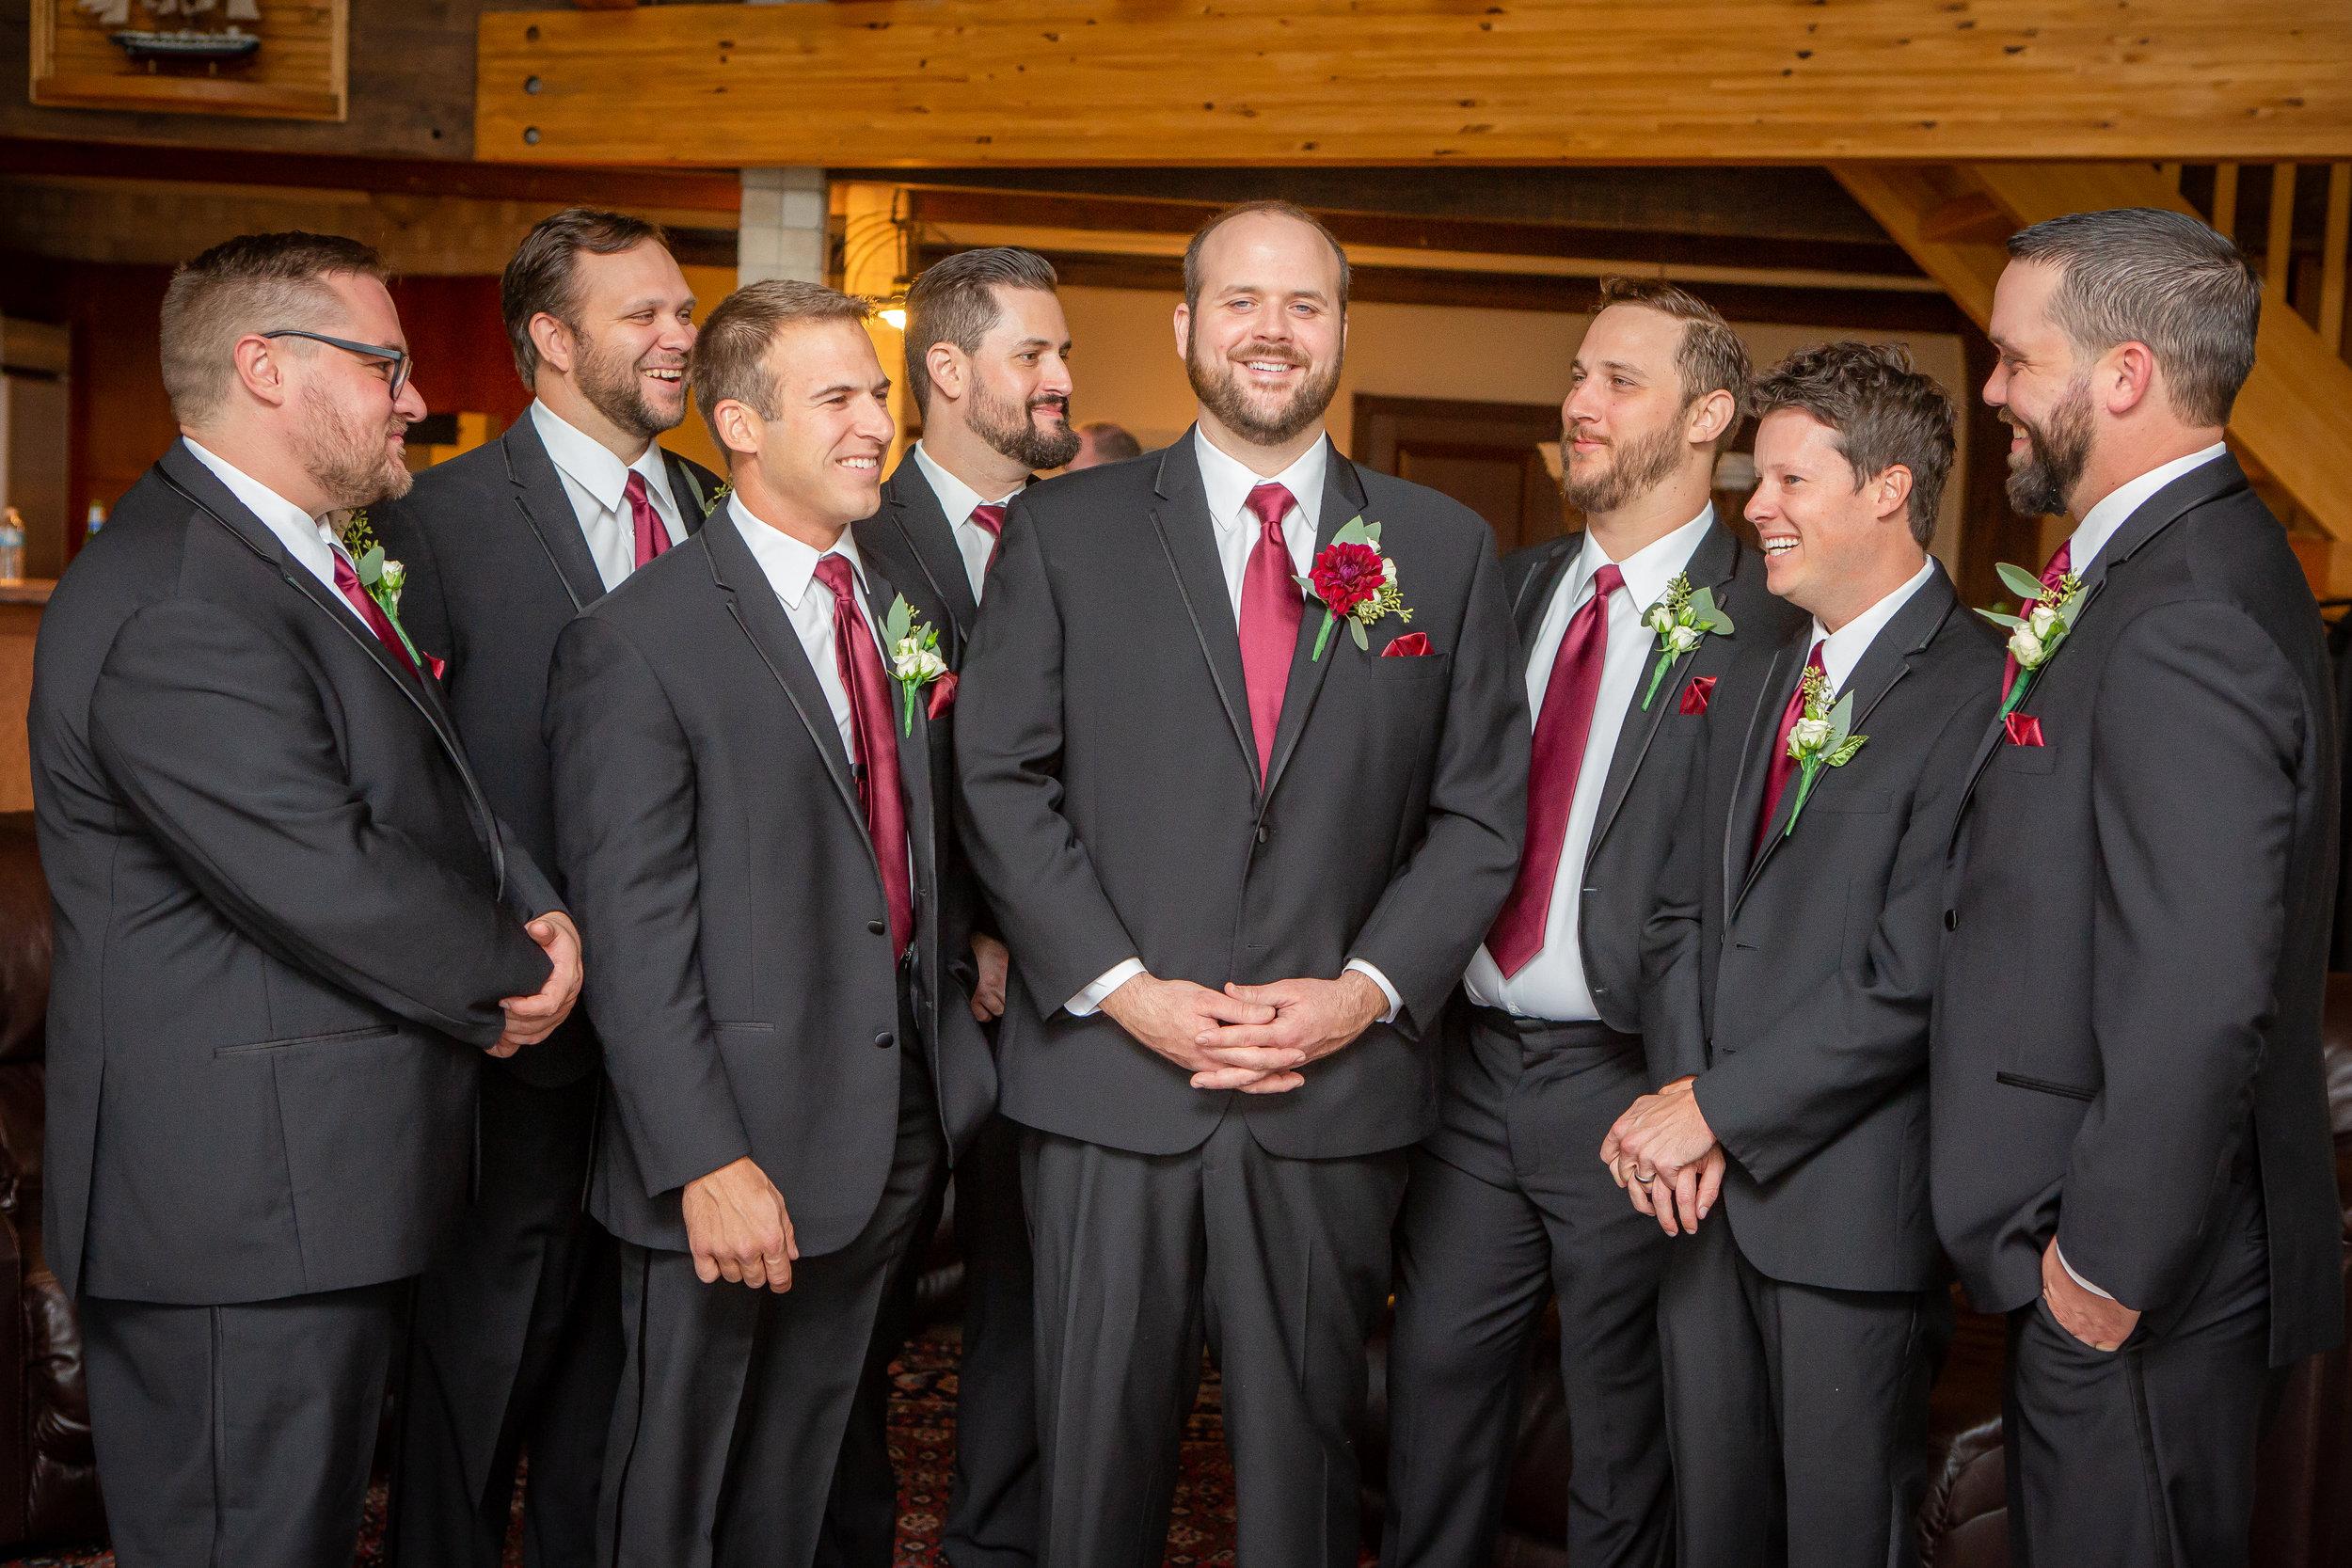 Wedding photo-groomsmen